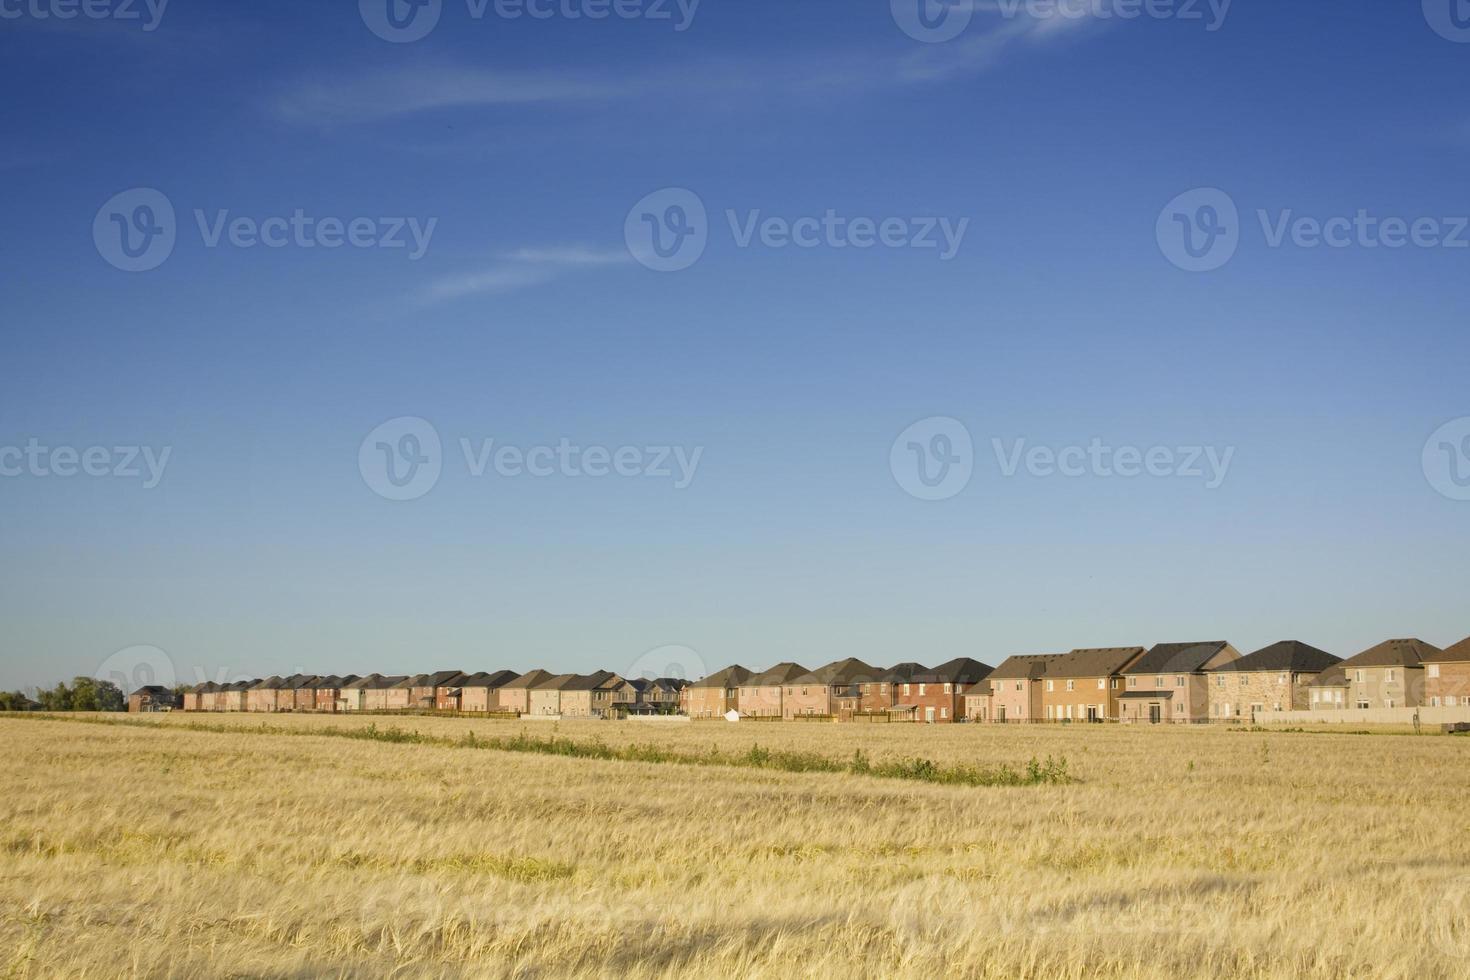 casas invadiendo tierras de cultivo. la expansión urbana. foto